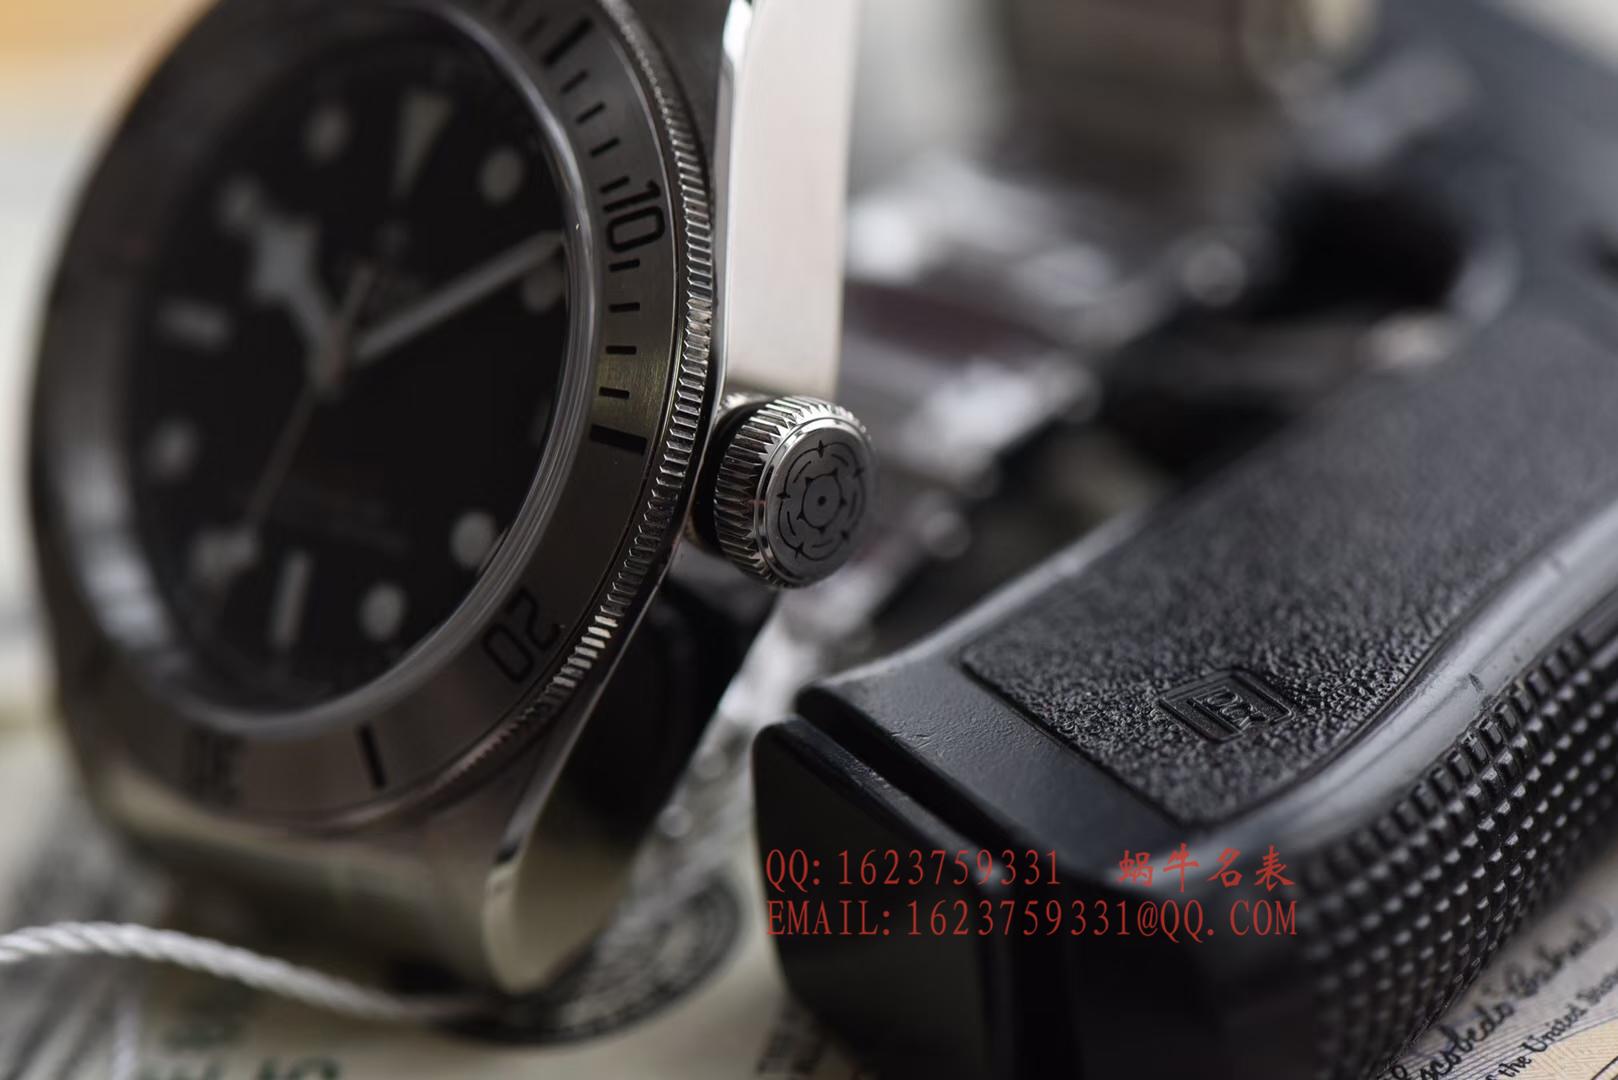 【ZF一比一超A高仿手表】帝舵TUDOR启承系列小钢花(小钢盾)79730腕表 / DT007